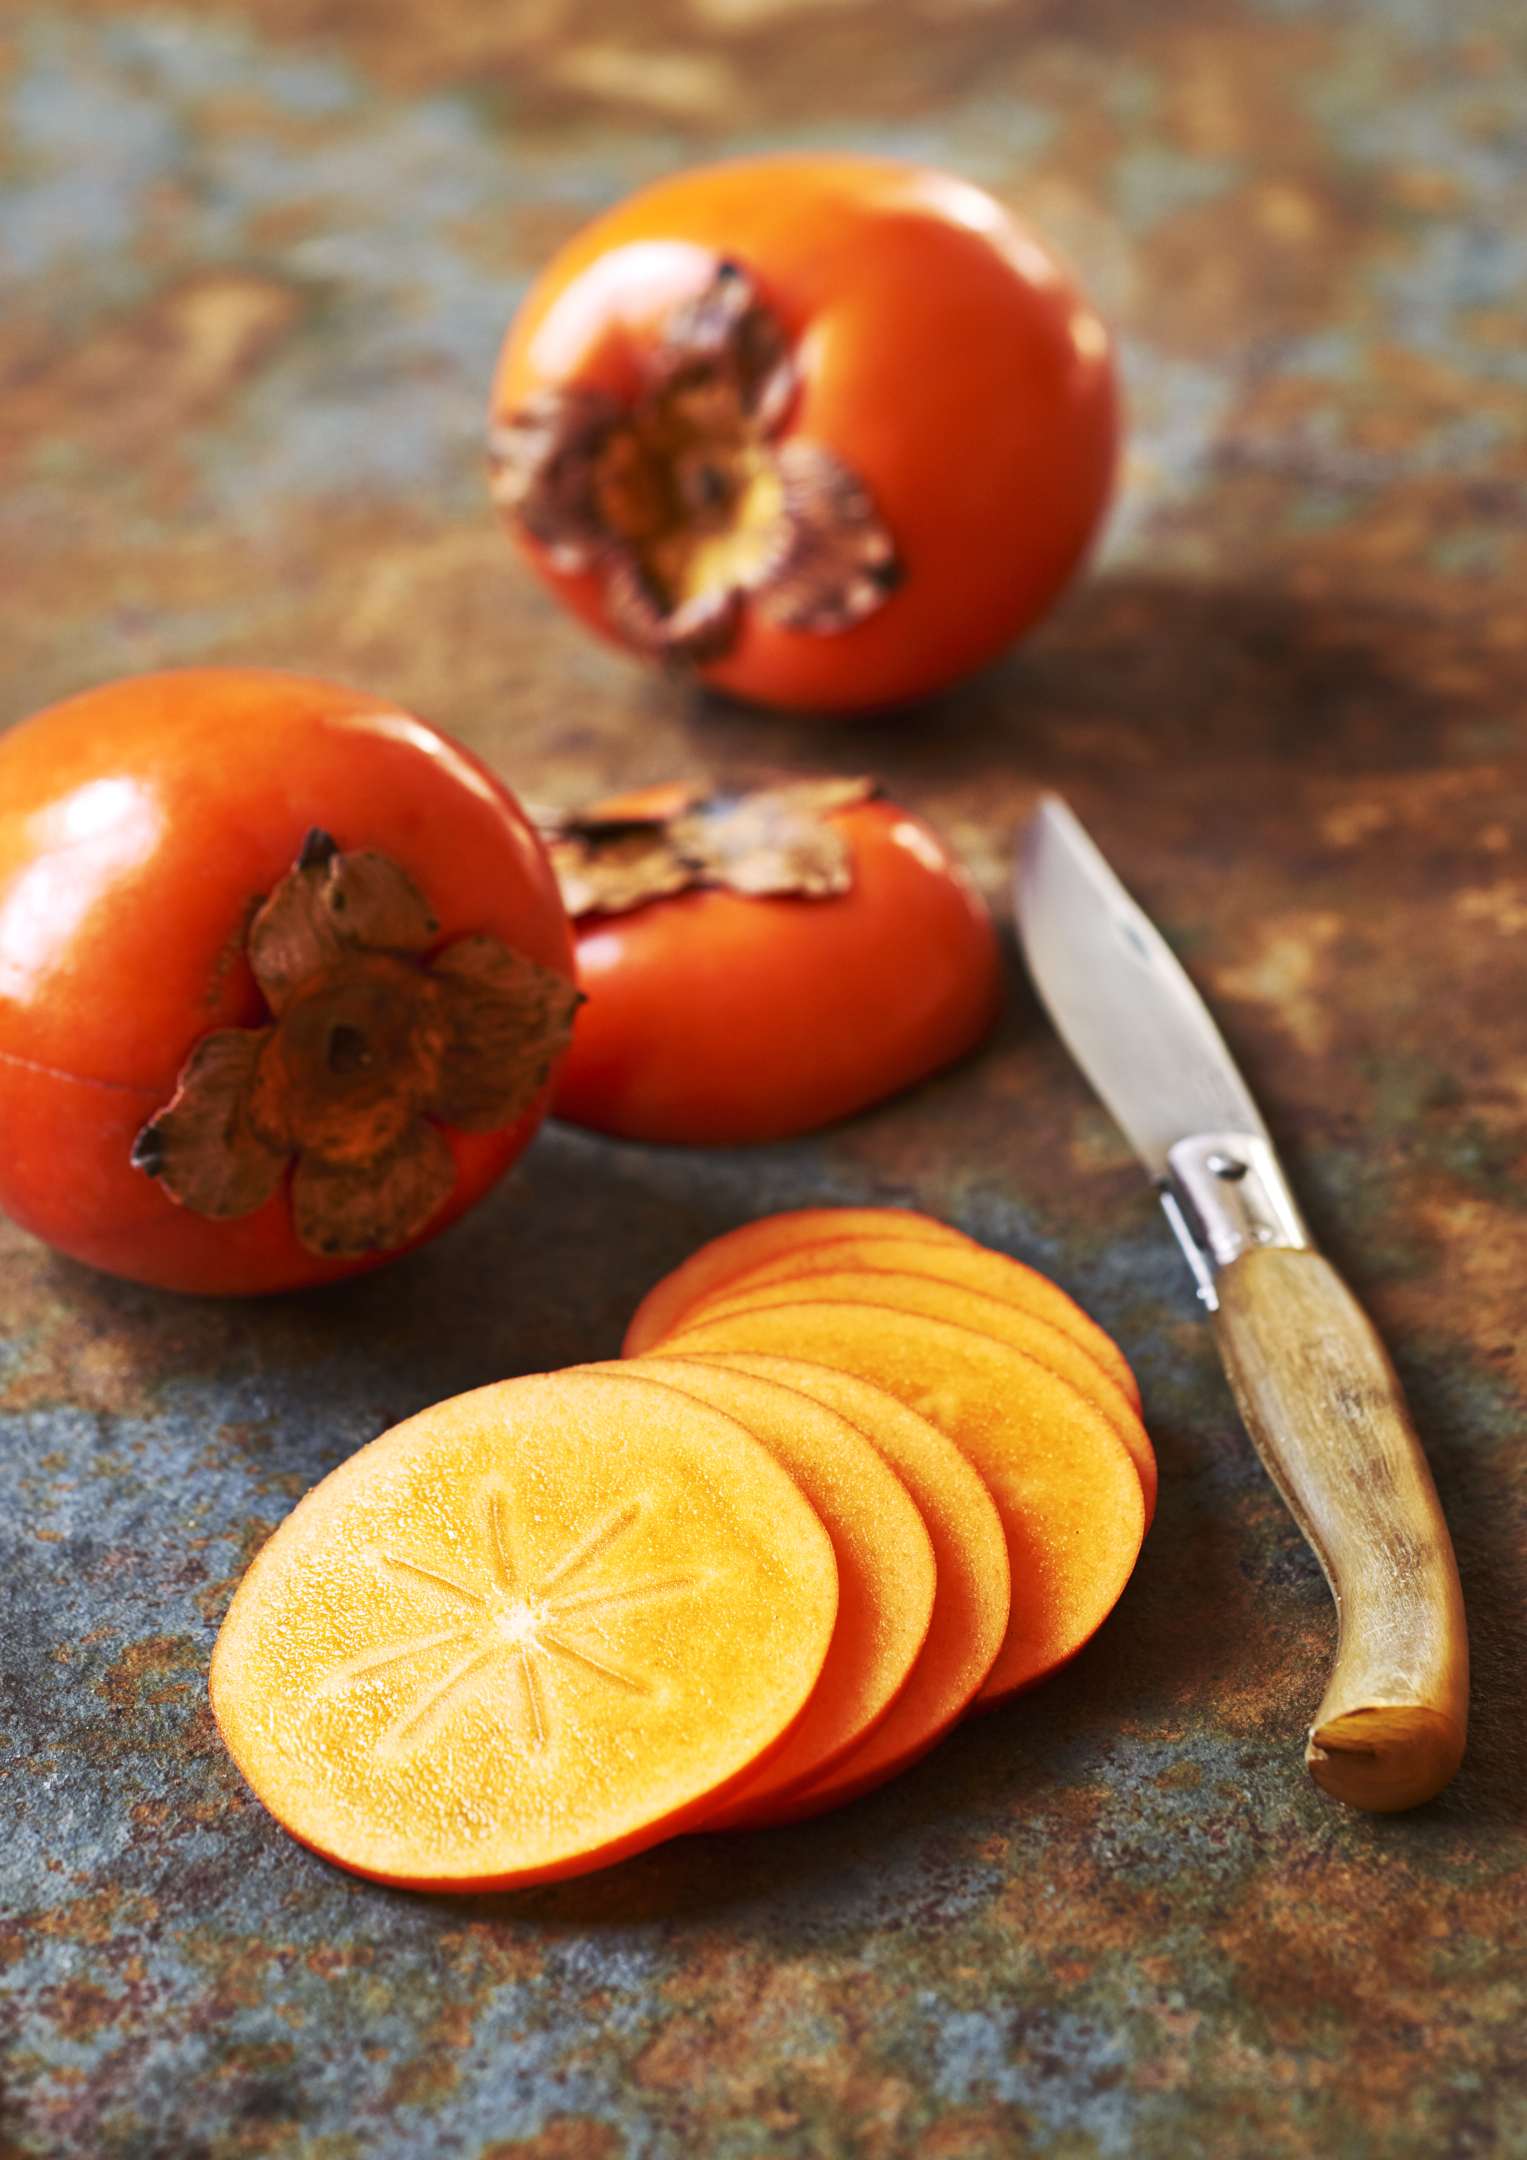 persimmon-still